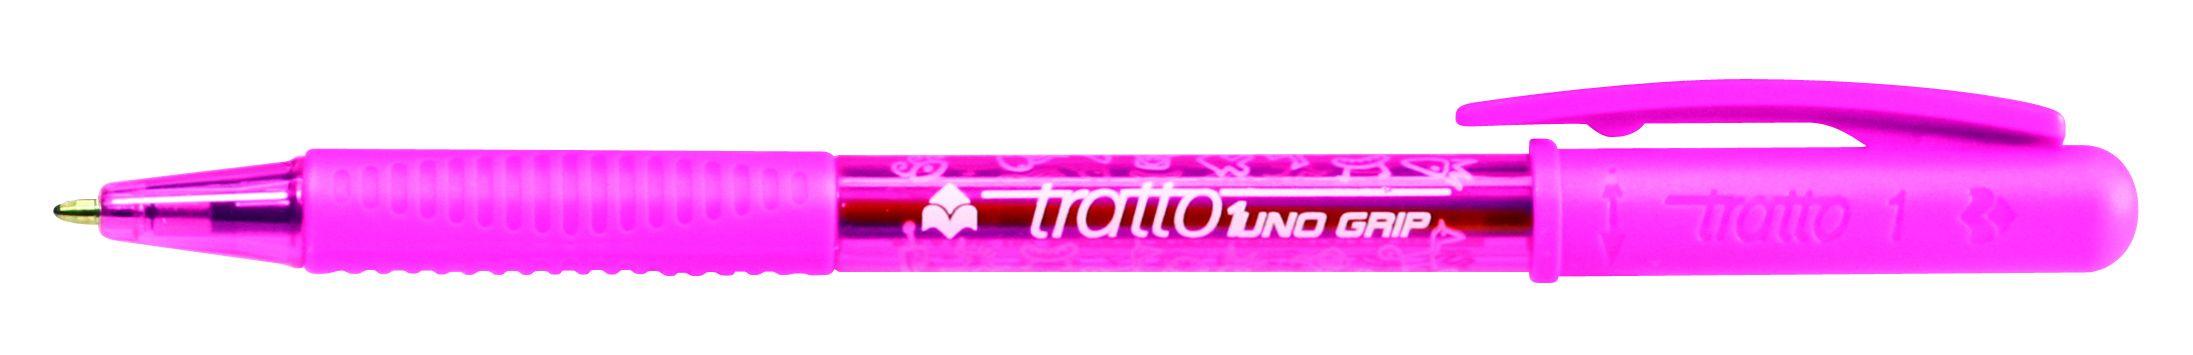 Ручка шариковая Tratto 1 Grip розовая поворотная резин. держат.